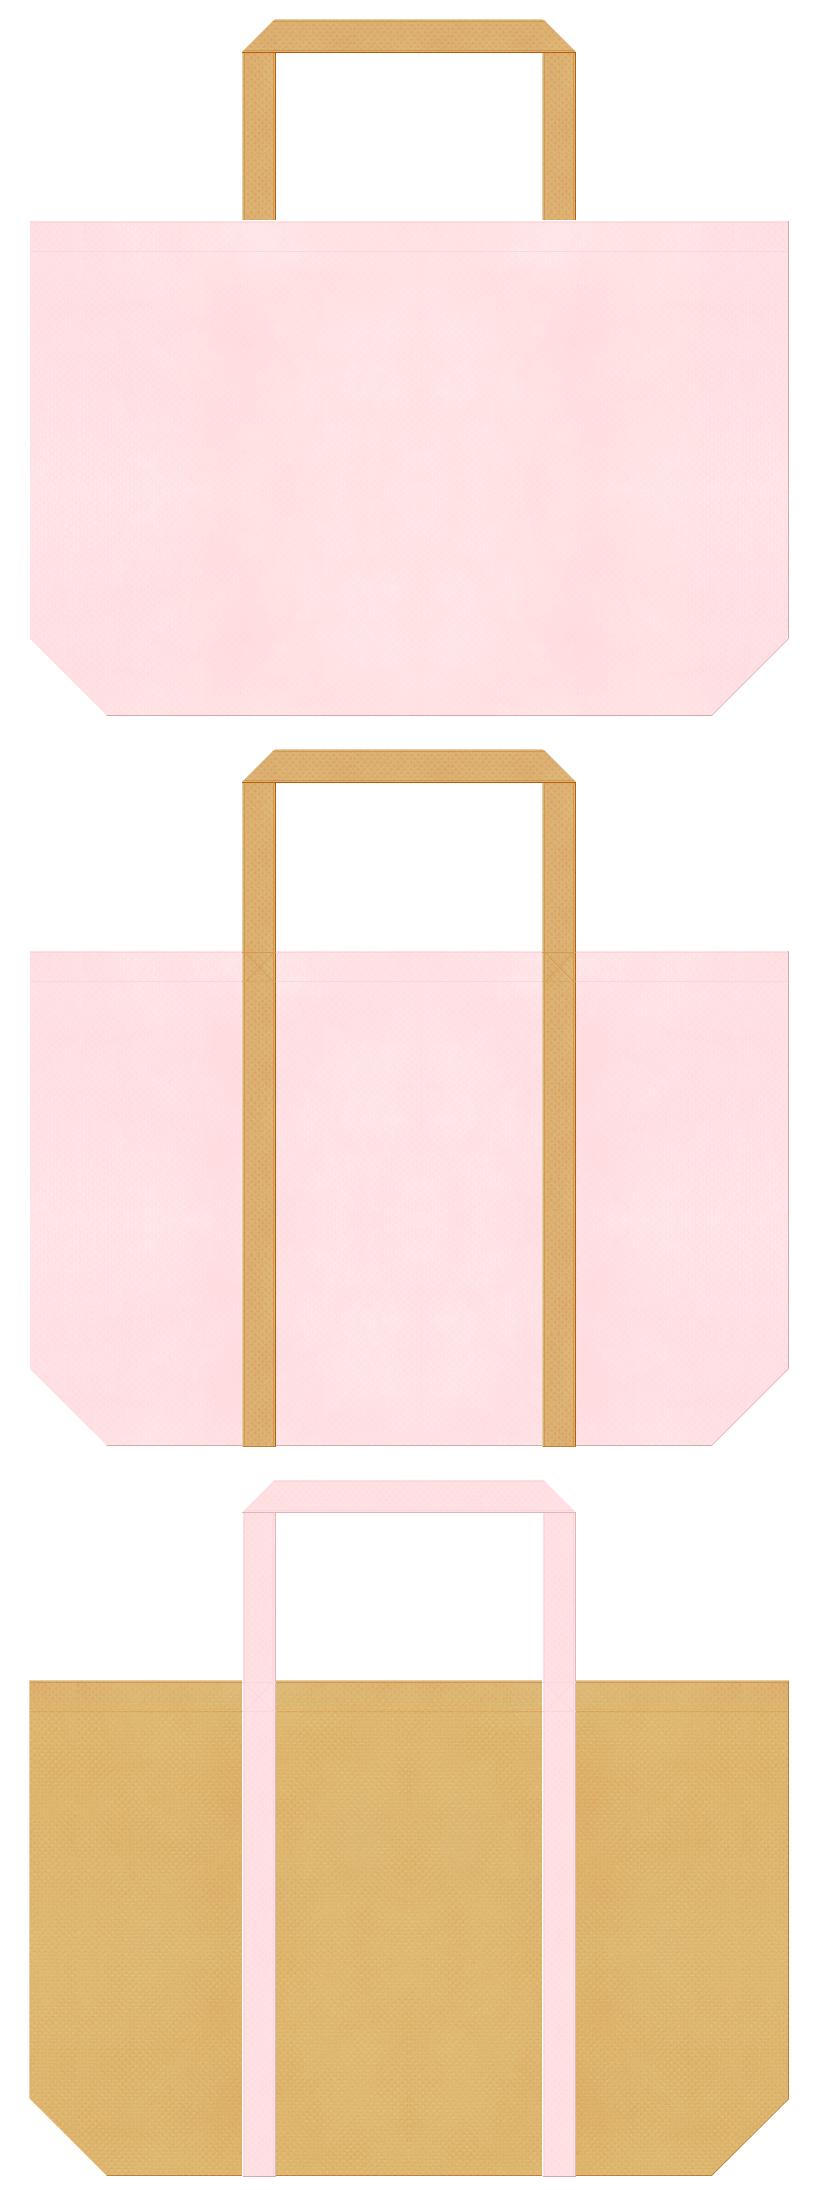 ペットショップ・ペットサロン・ペット用品・ペットフード・アニマルケア・ぬいぐるみ・絵本・おとぎ話・手芸・牧場・木の看板・パステルカラー・ガーリーデザインにお奨めの不織布バッグデザイン:桜色と薄黄土色のコーデ